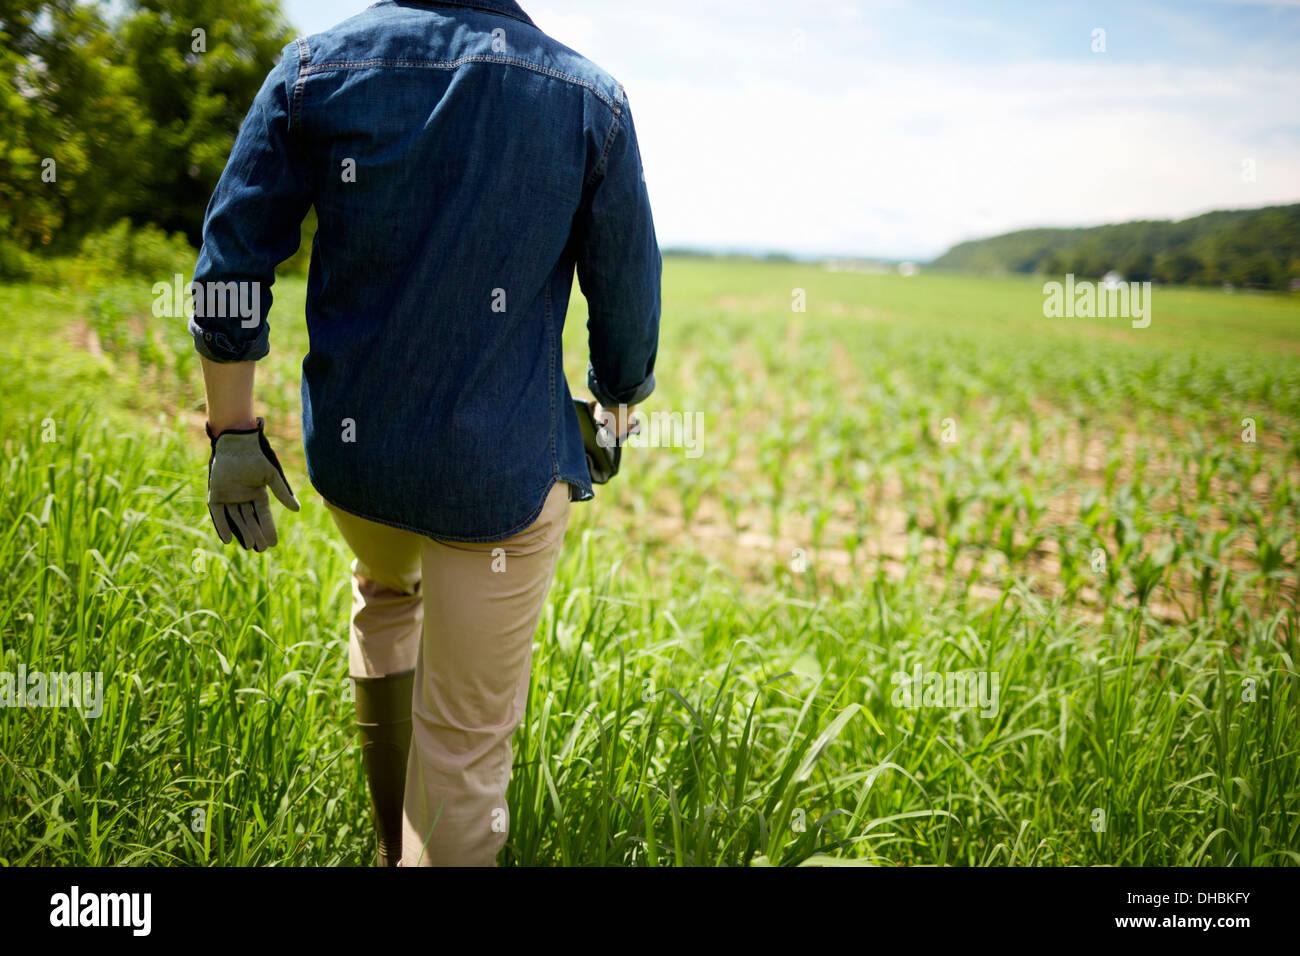 Un agricultor trabajando en sus campos en el Estado de Nueva York, EE.UU.. Imagen De Stock